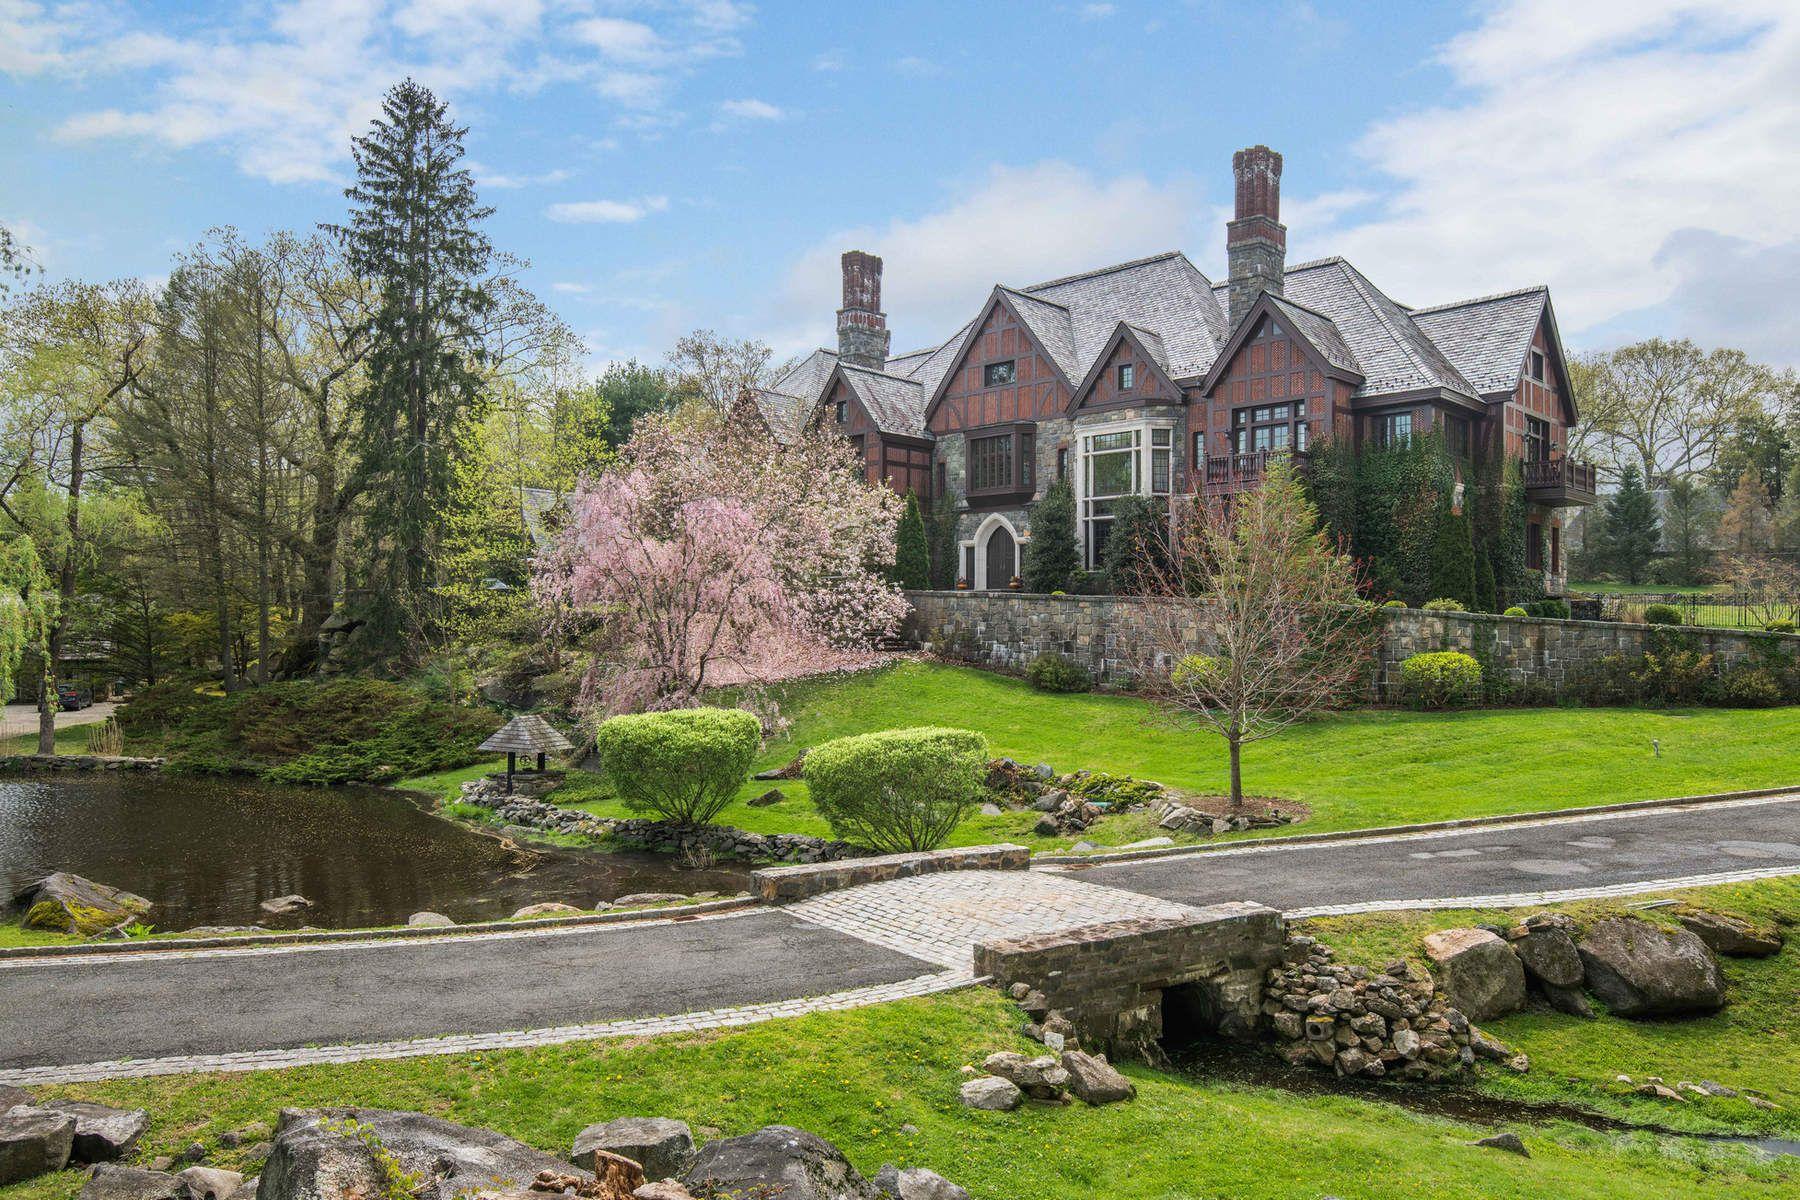 独户住宅 为 出租 在 125 Pecksland Road 125 Pecksland Road 格林威治, 康涅狄格州 06831 美国